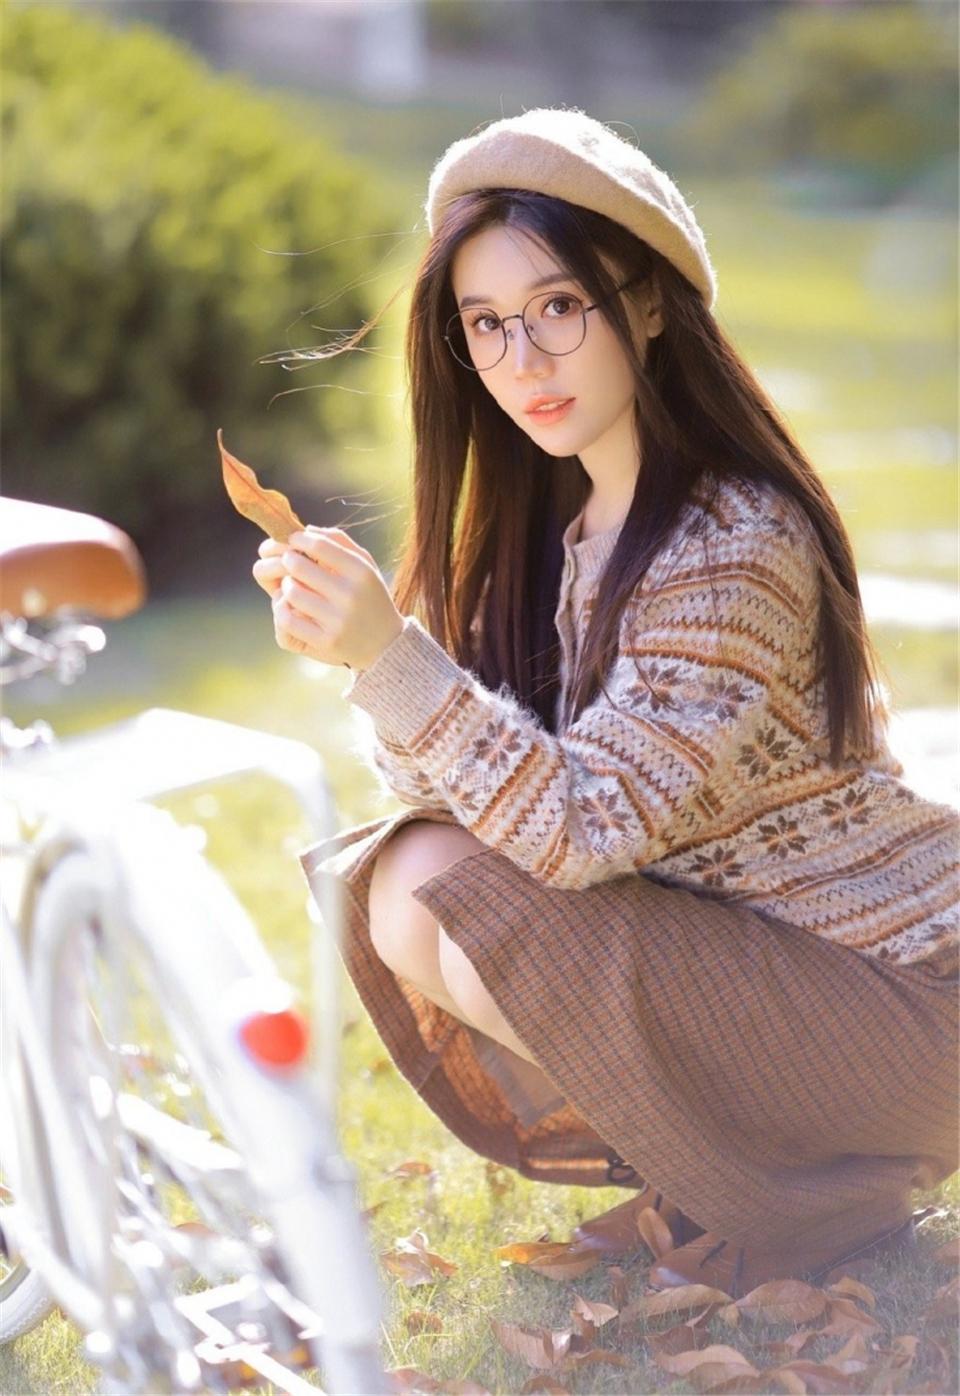 黑长直发美女美丽大方户外写真